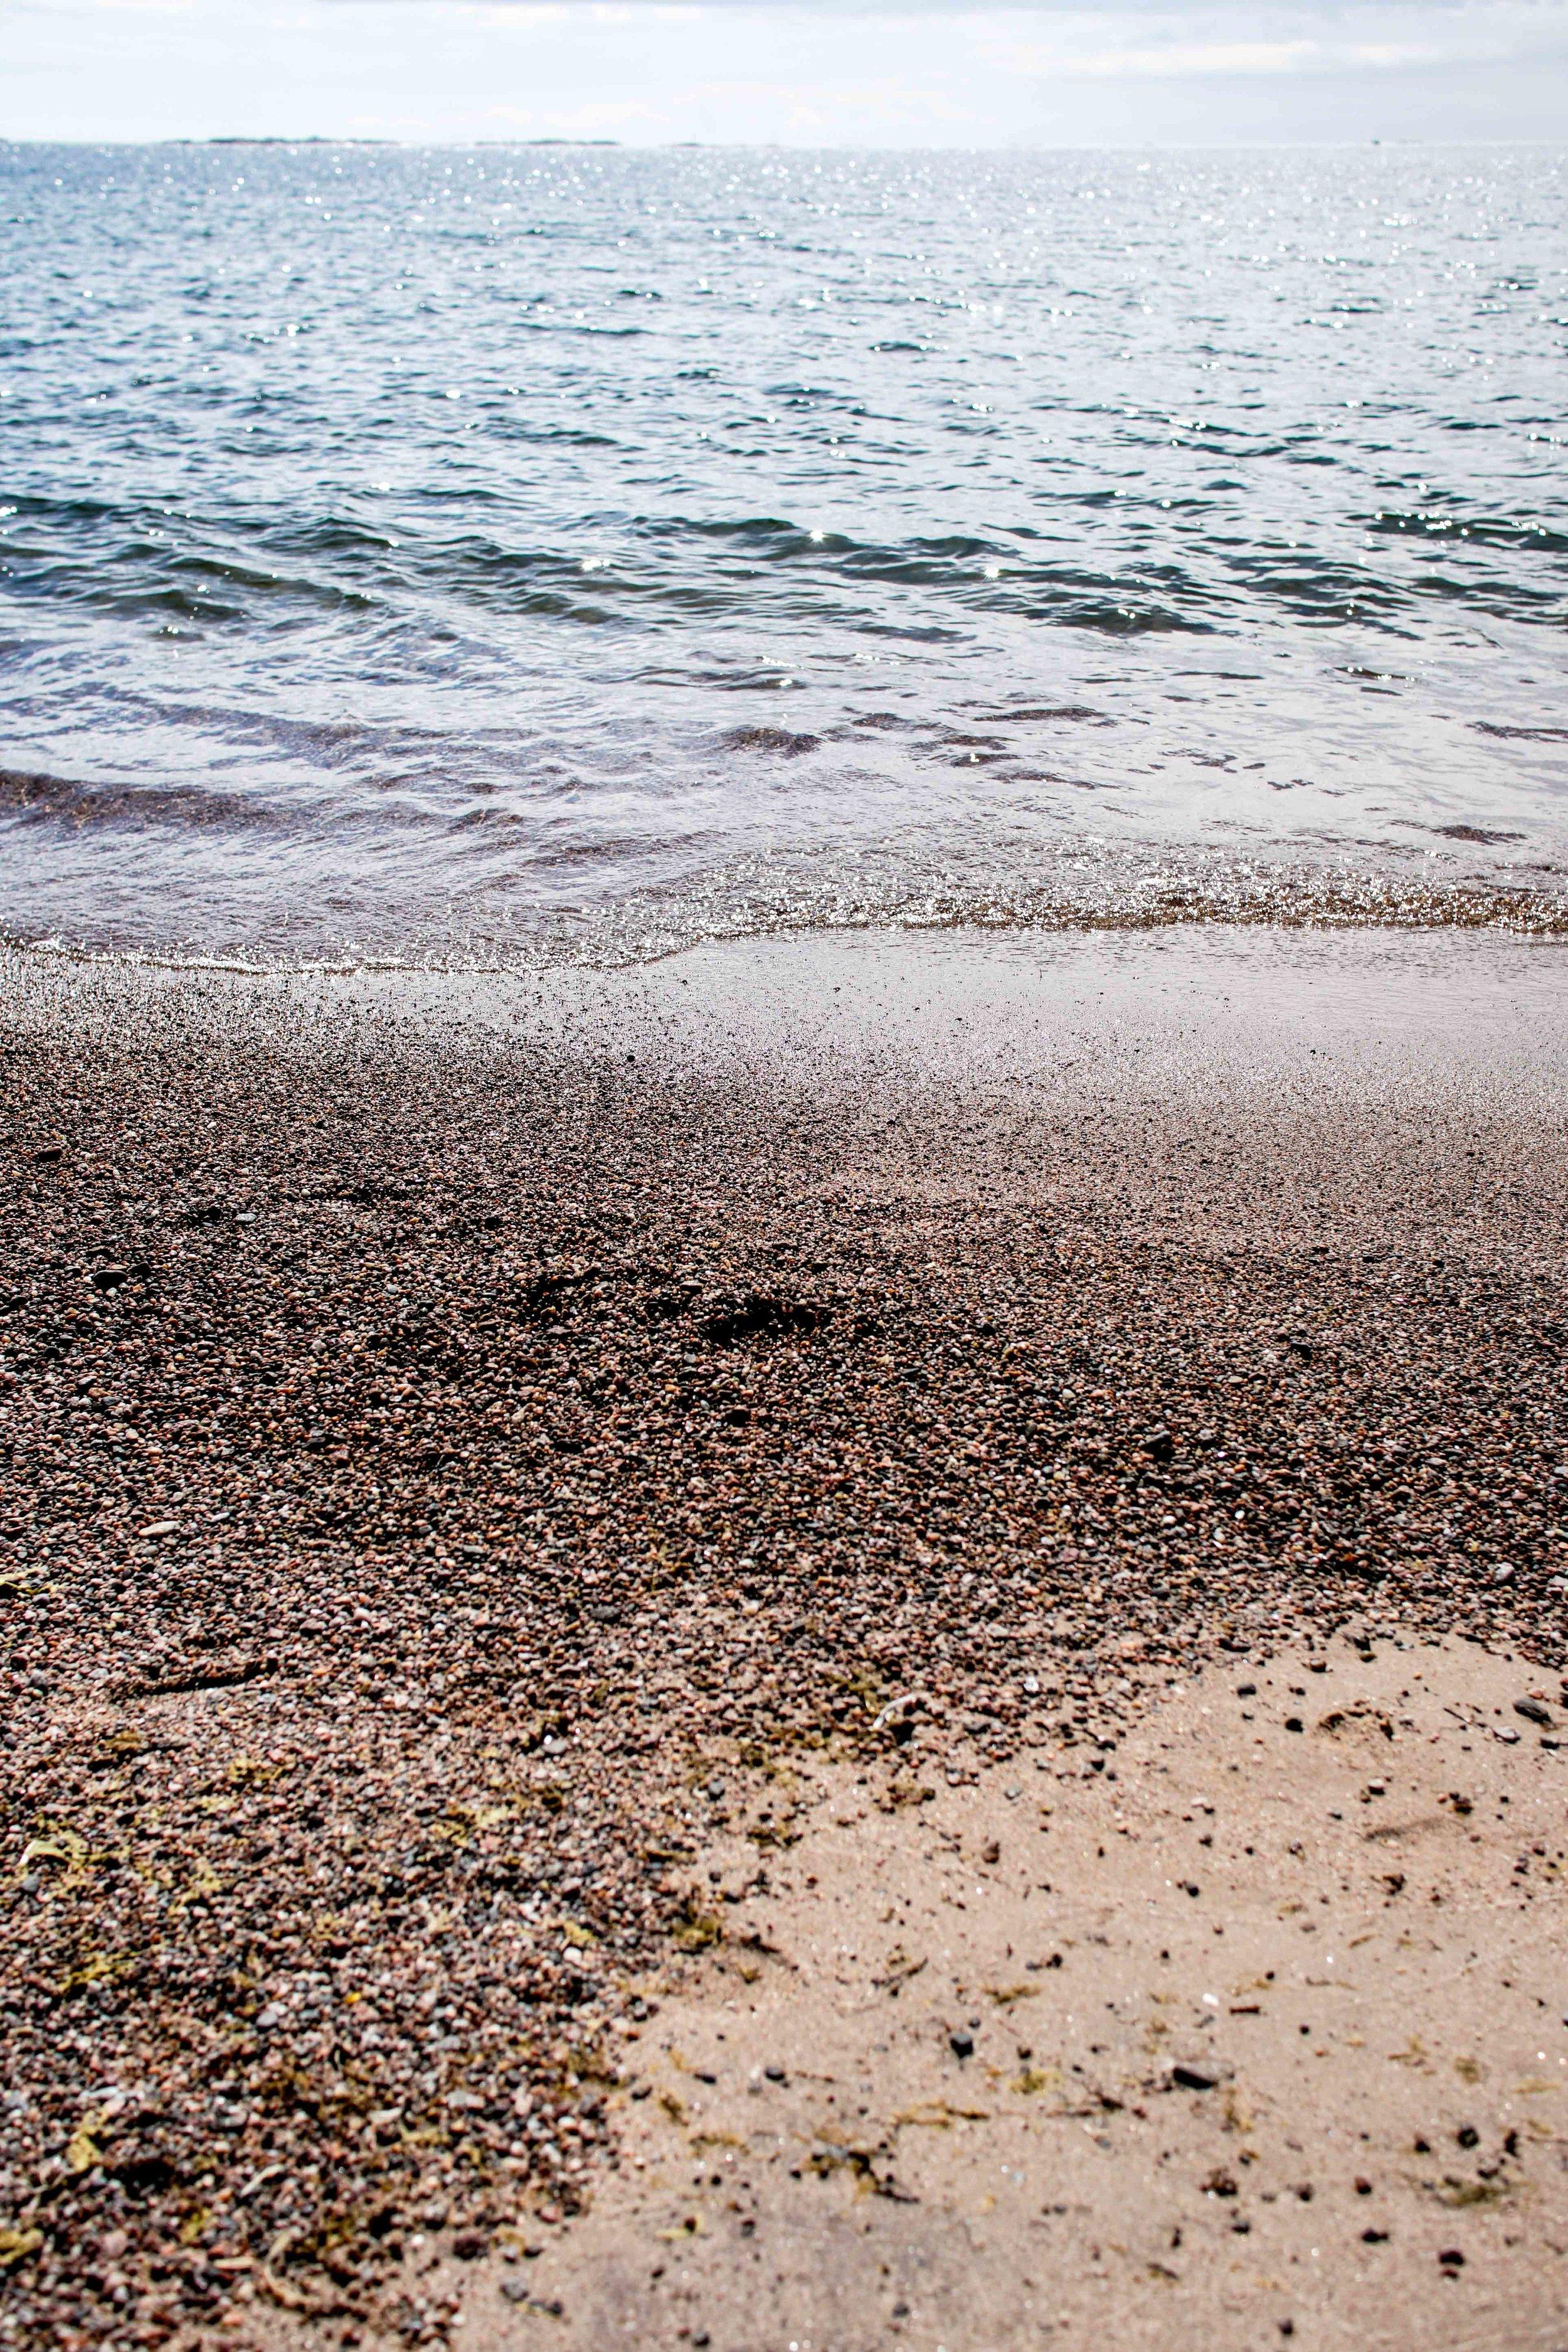 Tulliniemen rantahietikkoa <3